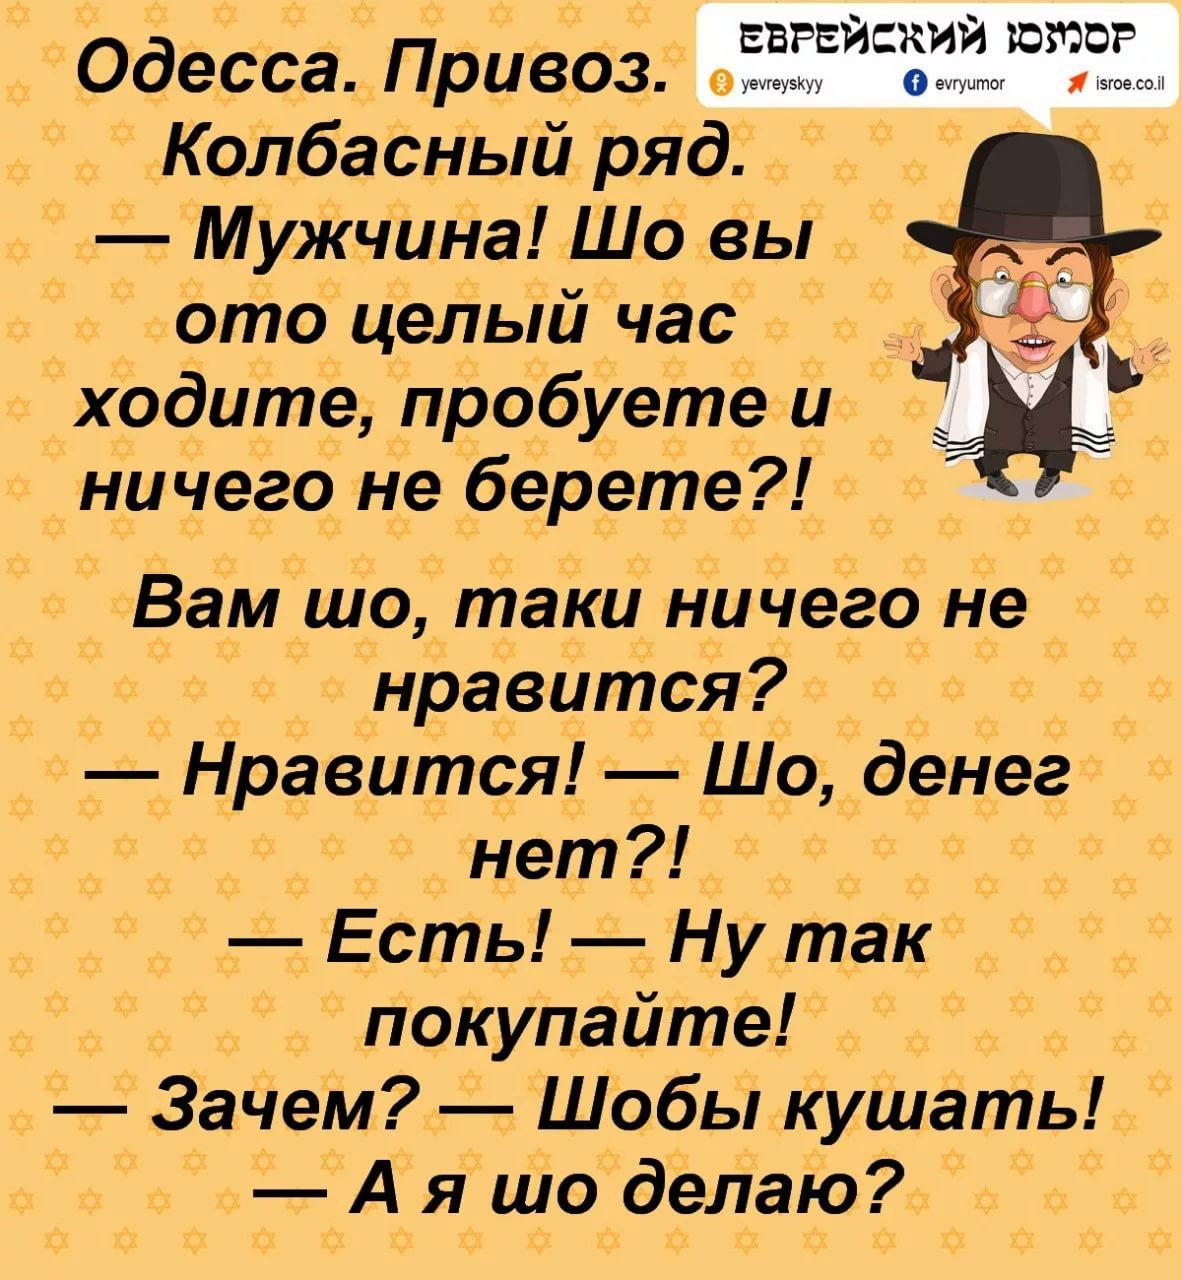 Читать смешные еврейские одесские анекдоты 1